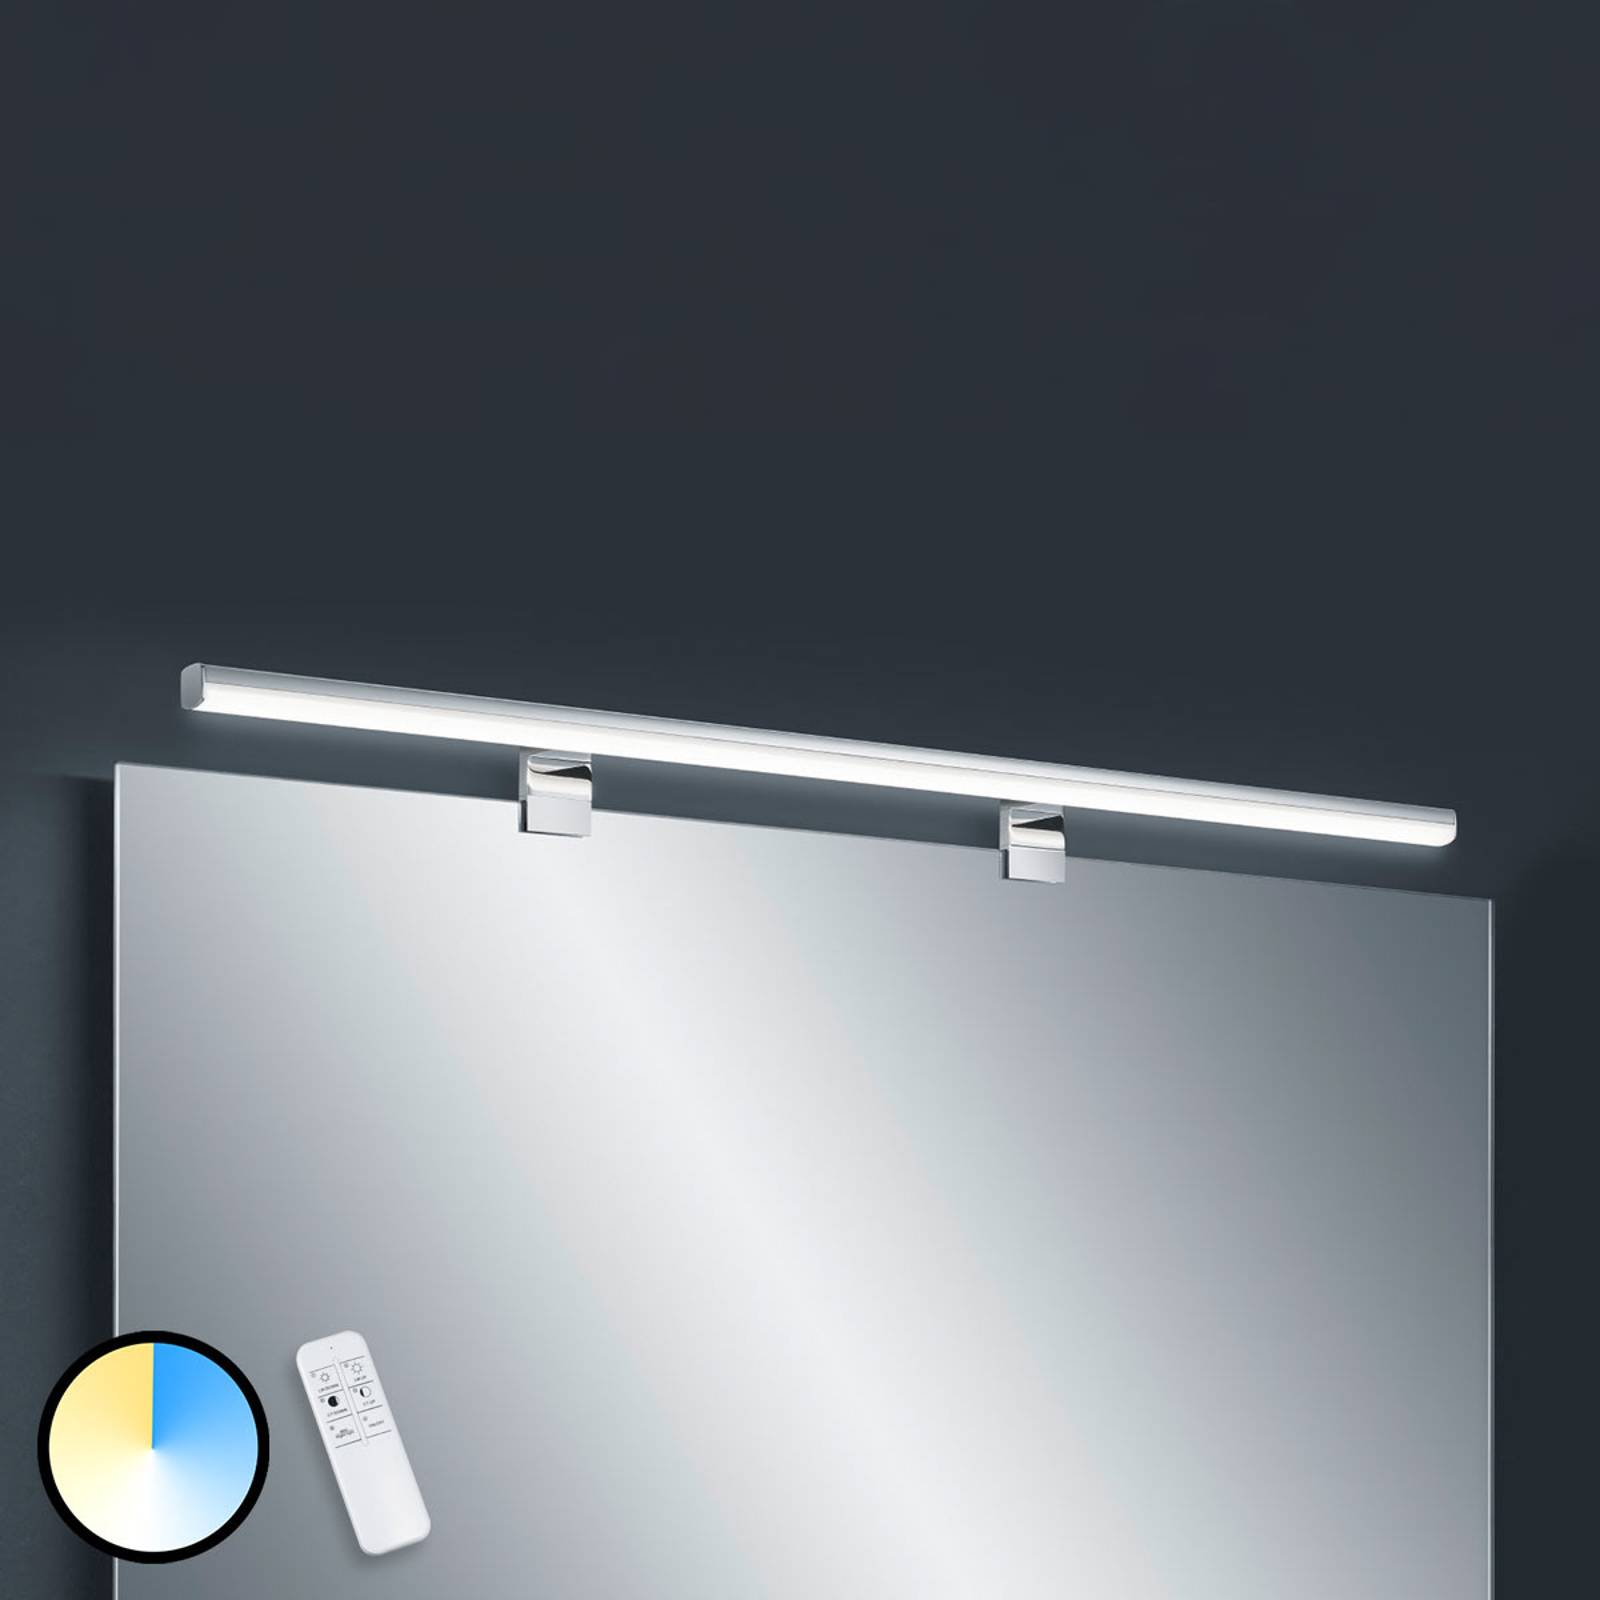 Helestra Gaia LED-peililamppu kaukosäädin 99cm